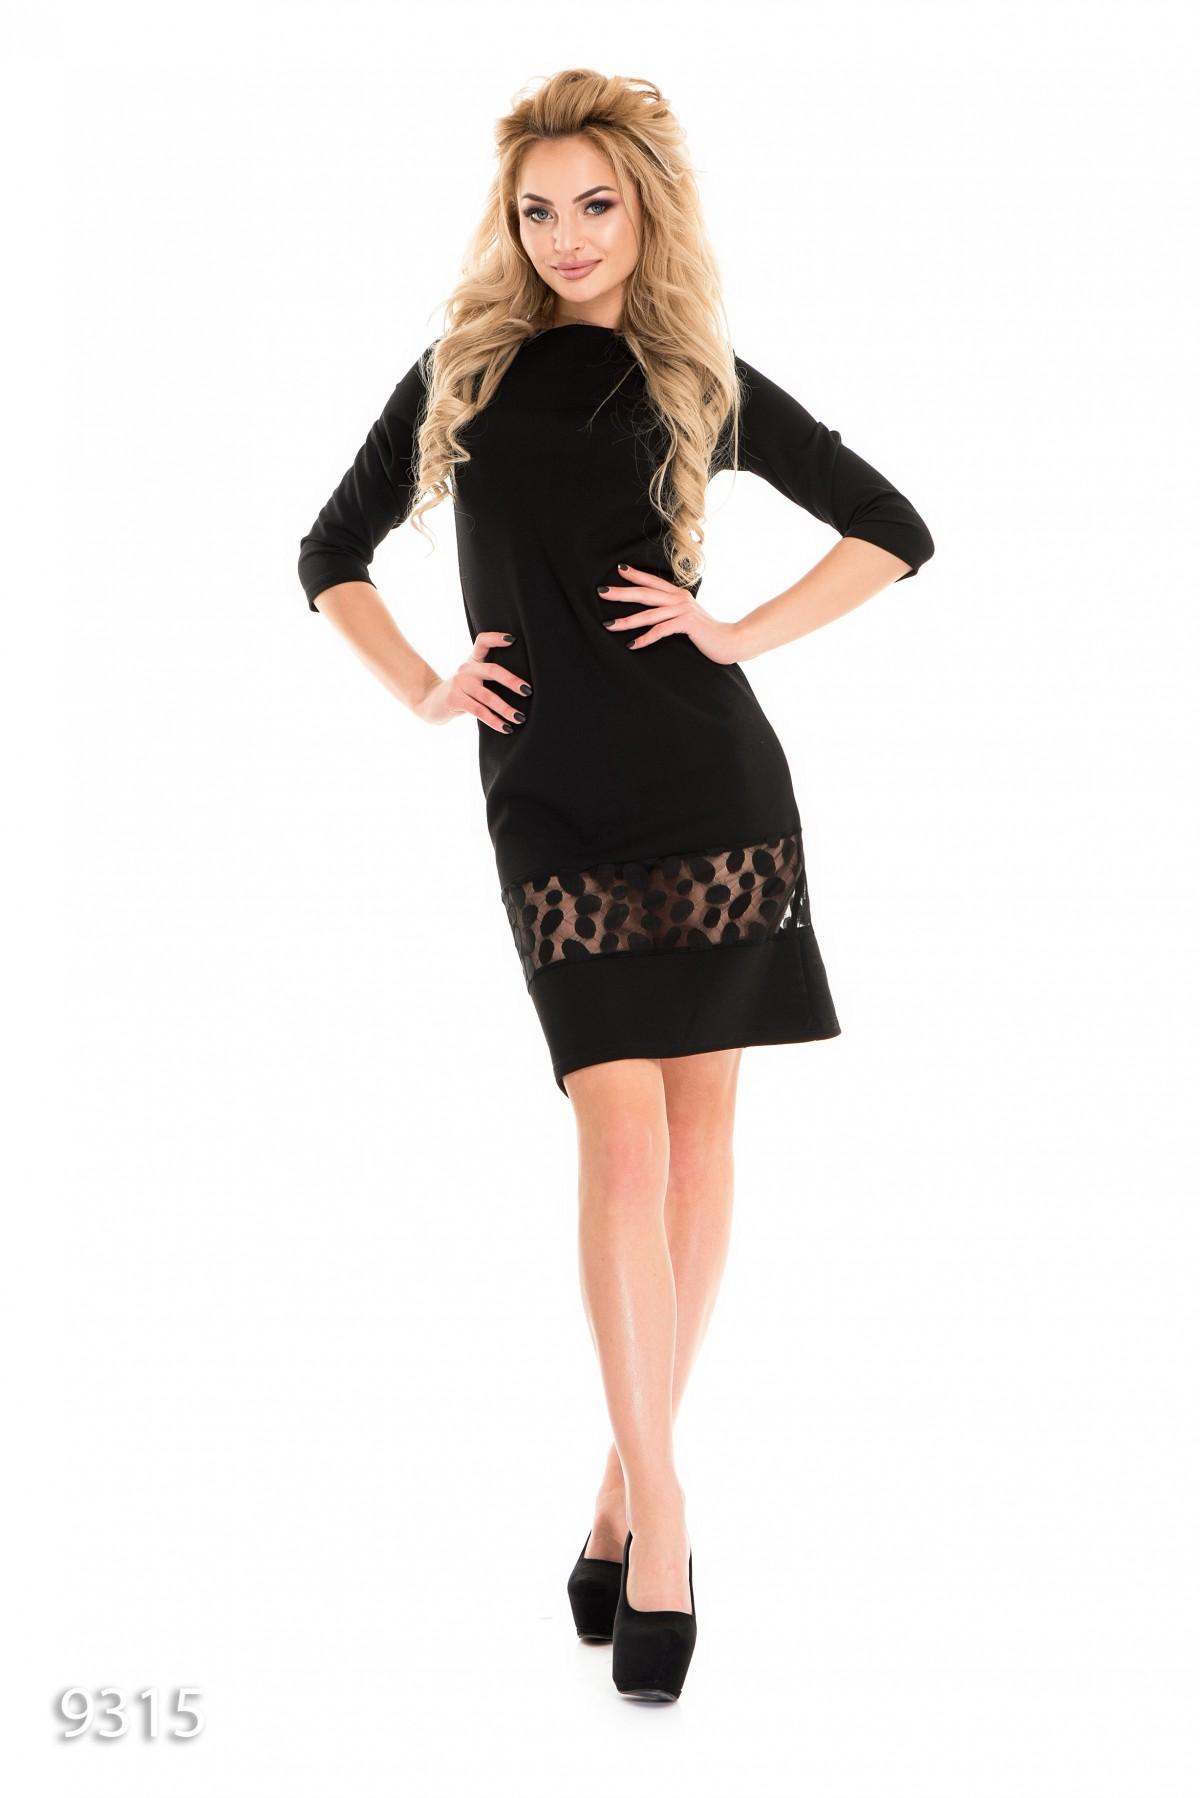 aa375c60546 Черное платье-трапеция с широкой ажурной вставкой  243 грн. фото 2 ...